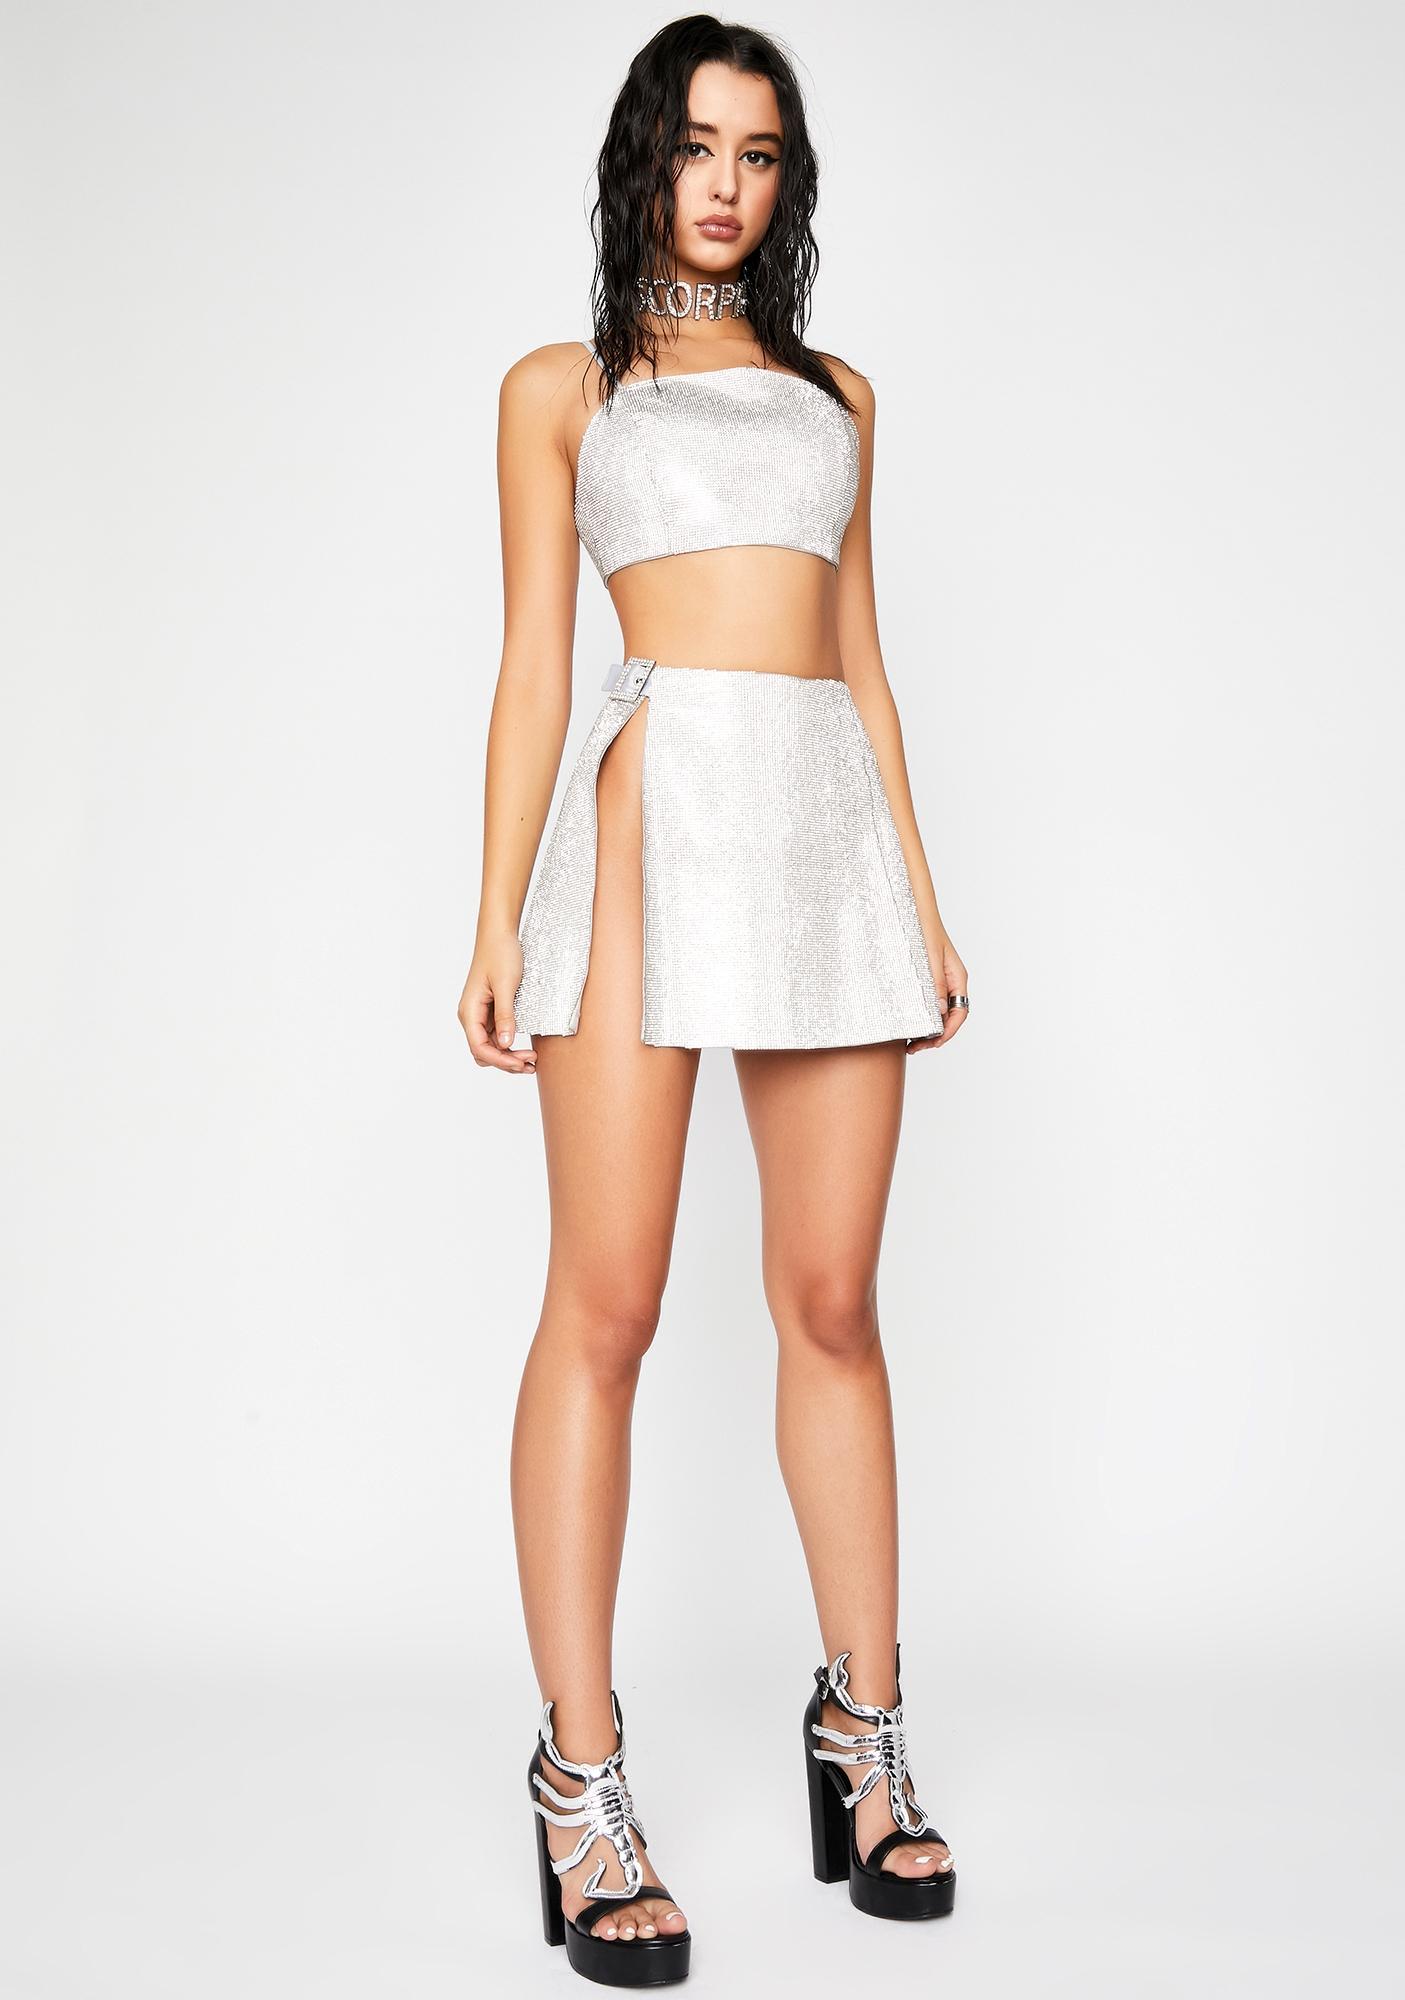 HOROSCOPEZ Crystalline Control Rhinestone Skirt